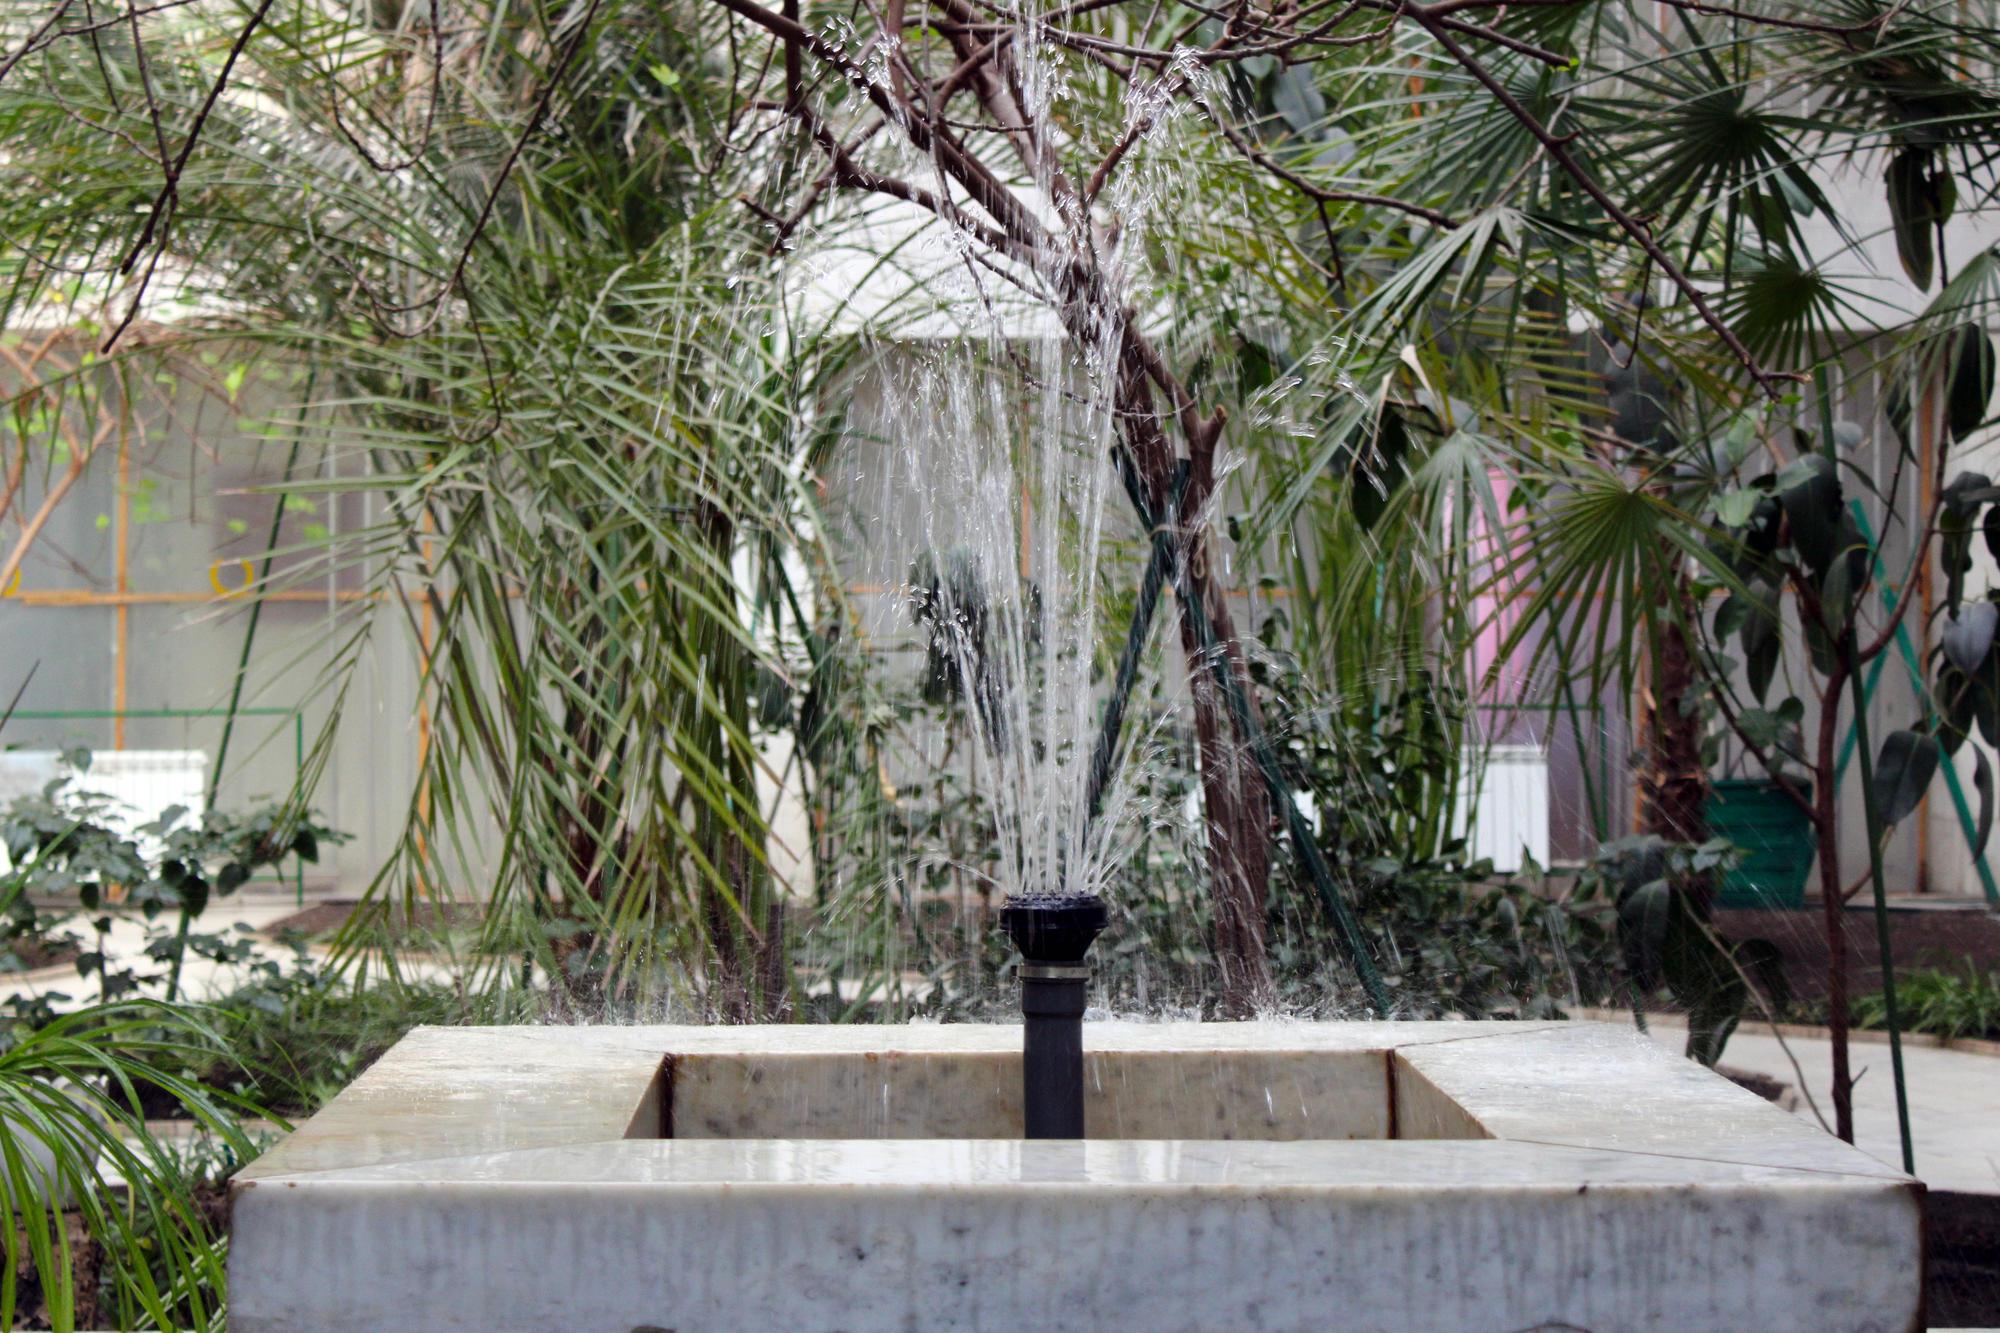 У Торецьку є зимовий сад з екзотичними рослинами